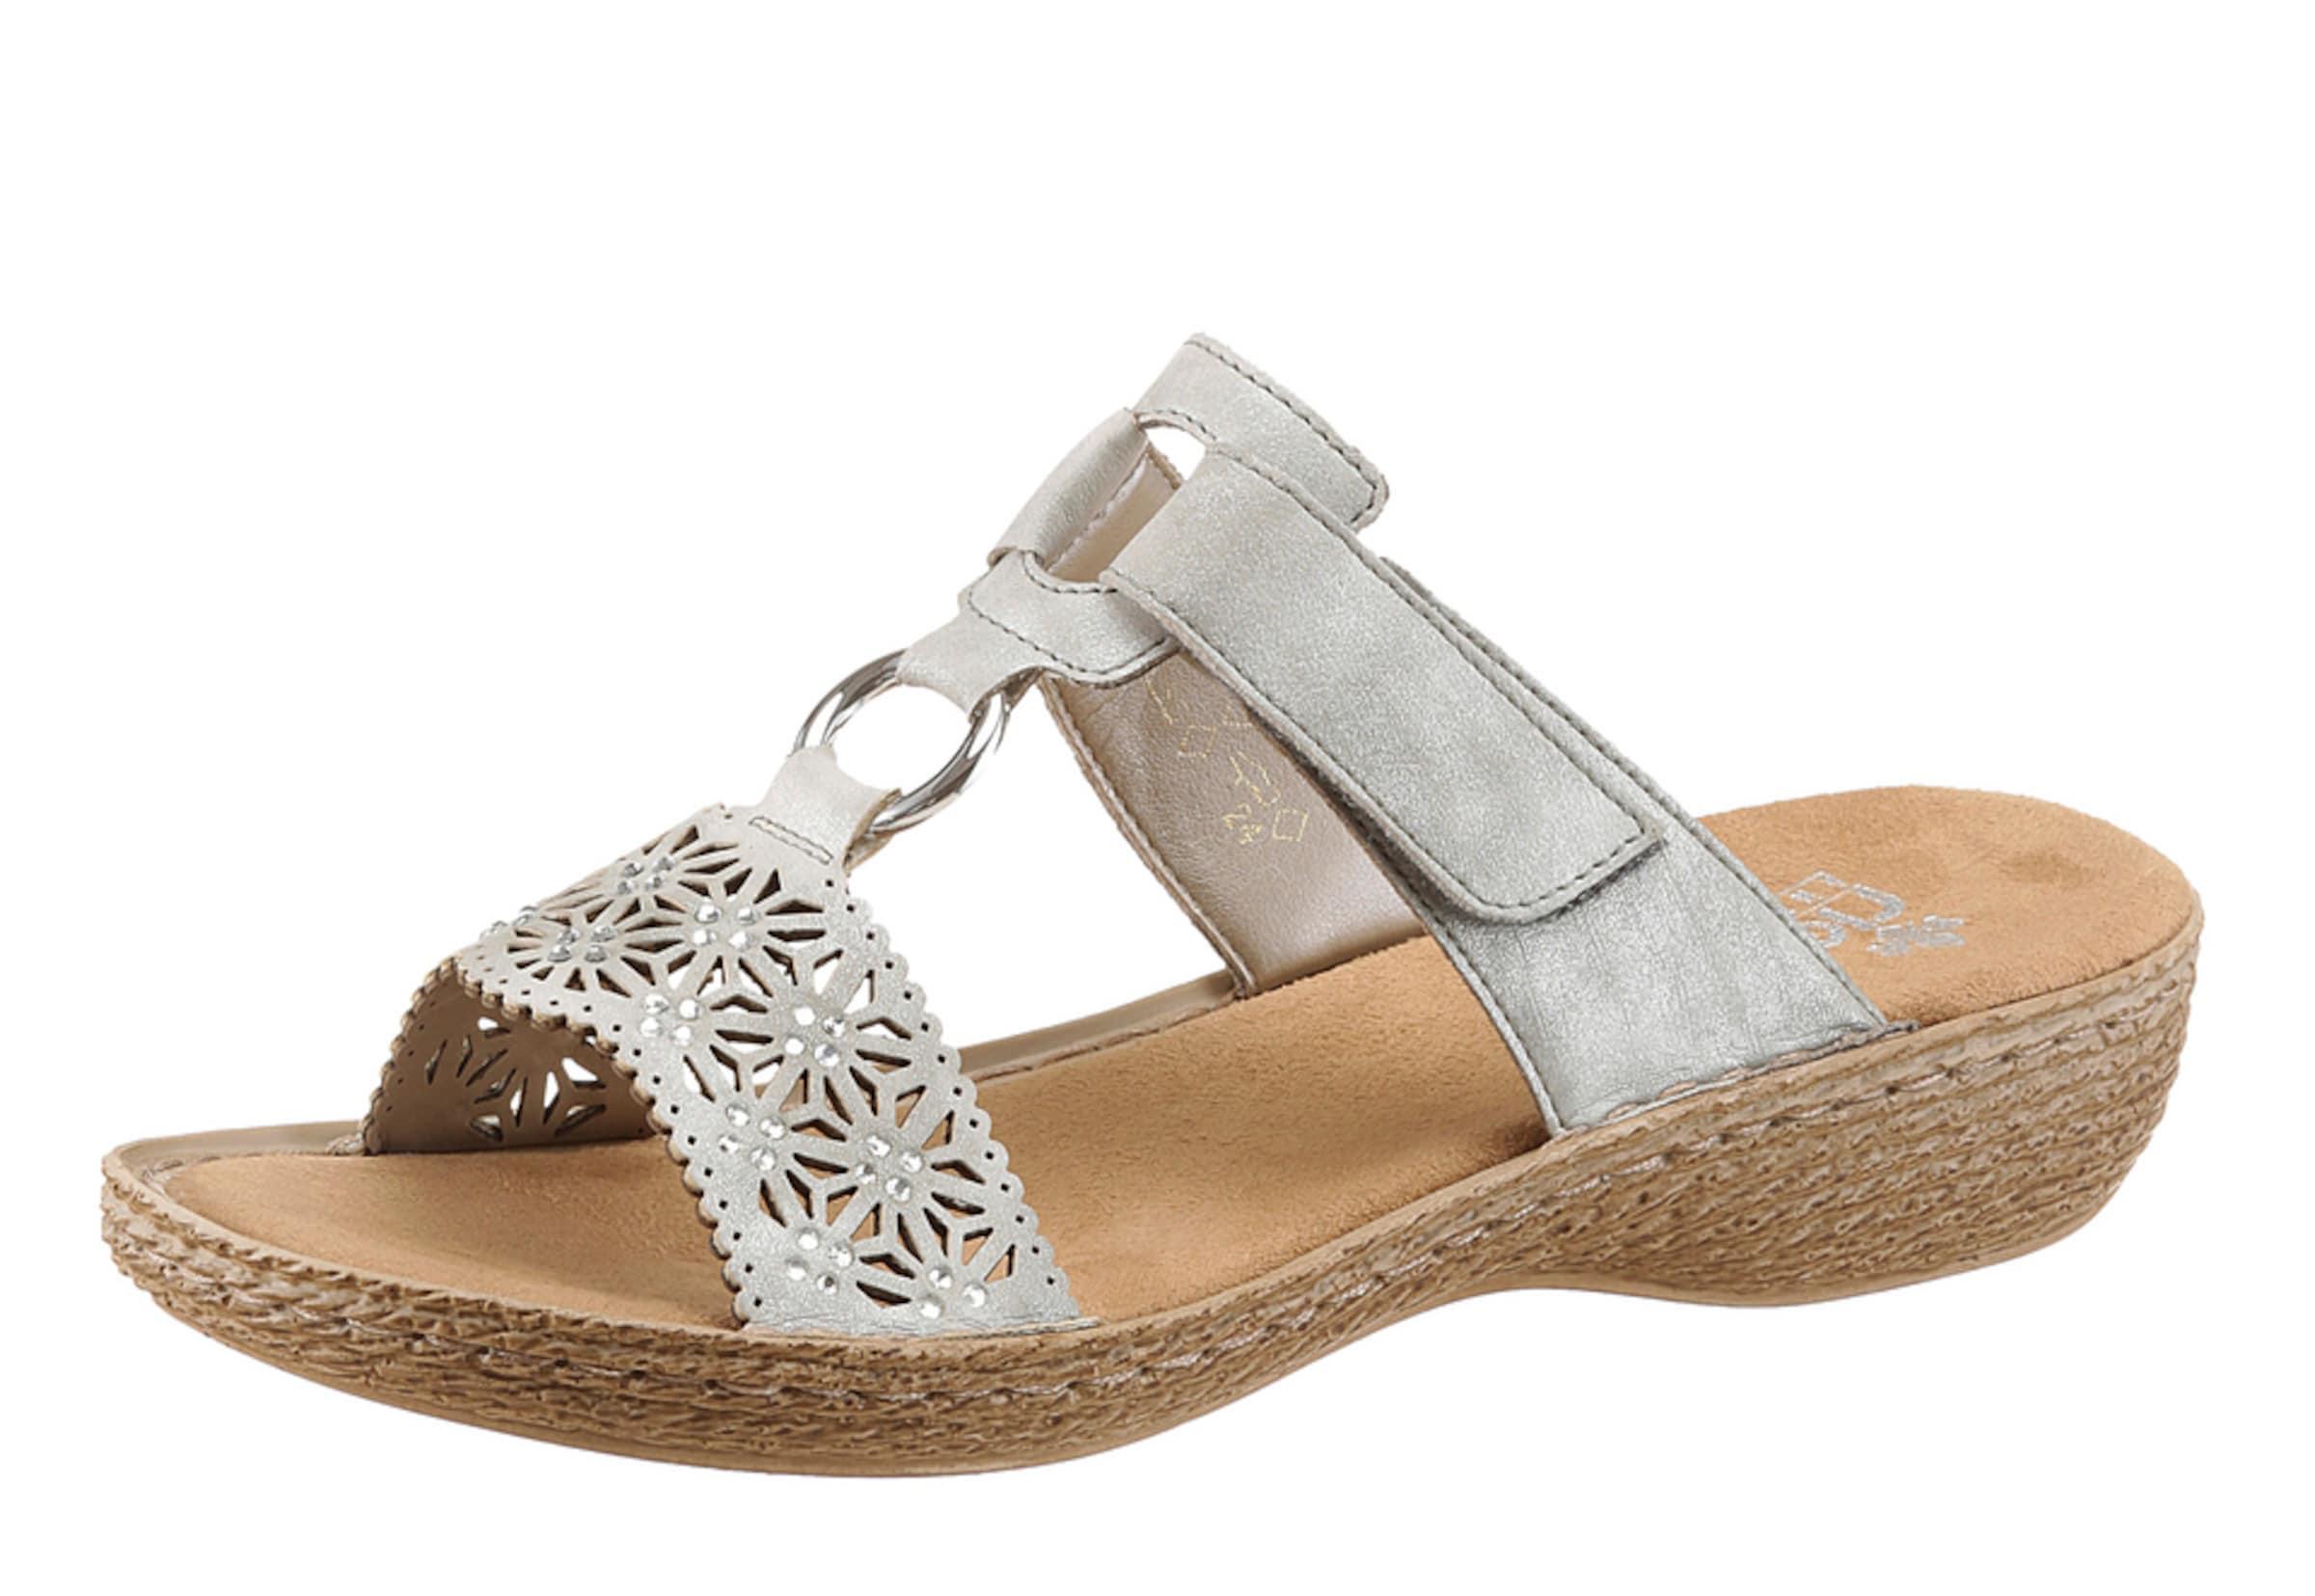 RIEKER Keilpantolette Verschleißfeste billige Schuhe Hohe Qualität